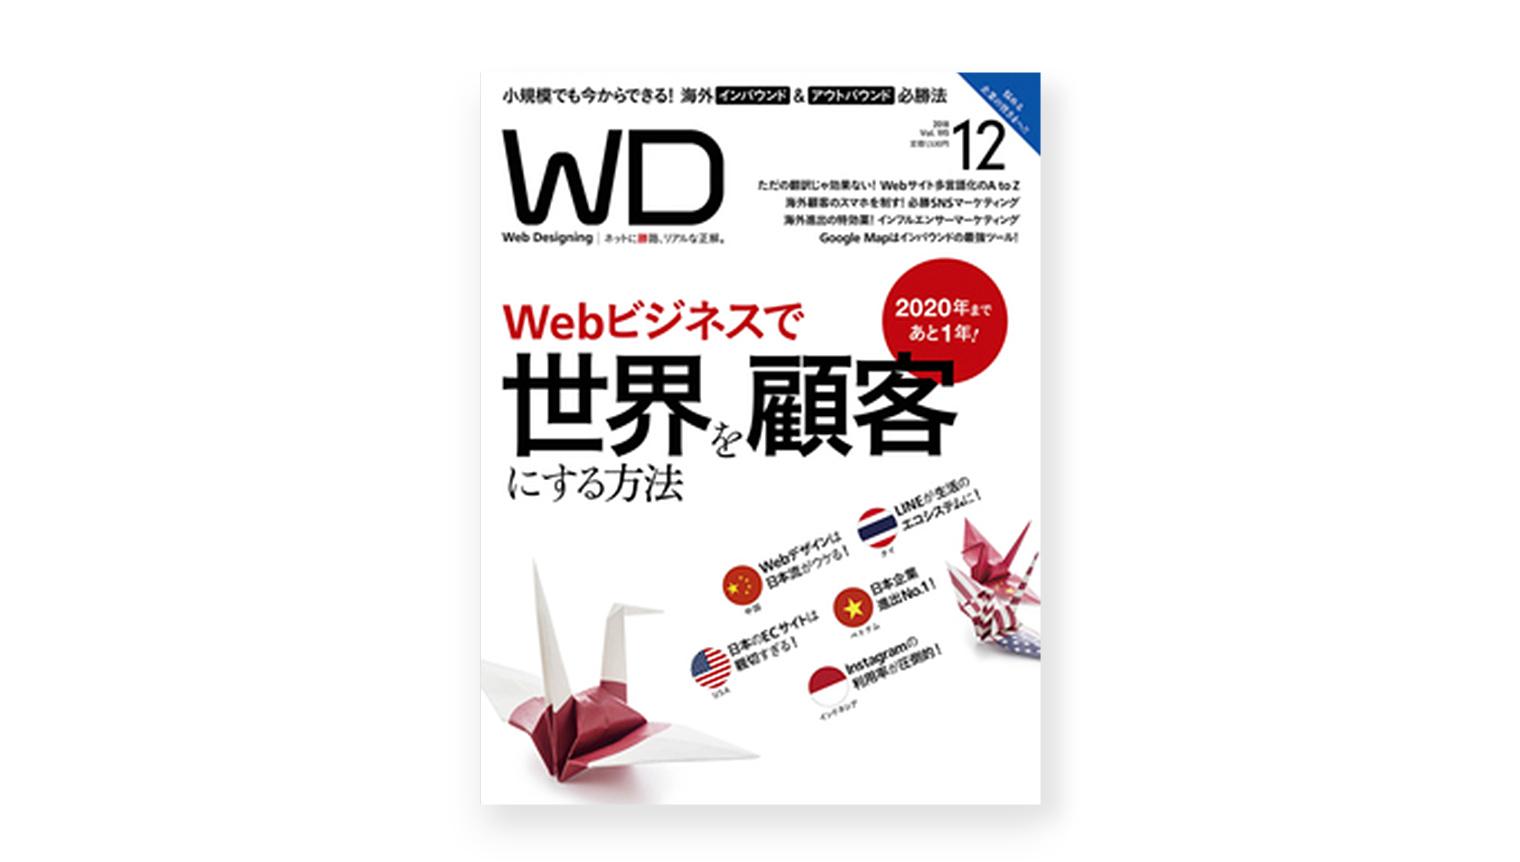 弊社制作の「ラクスルのテレビCM制作」が、月刊誌『Web Designing 12月号』に掲載されました。